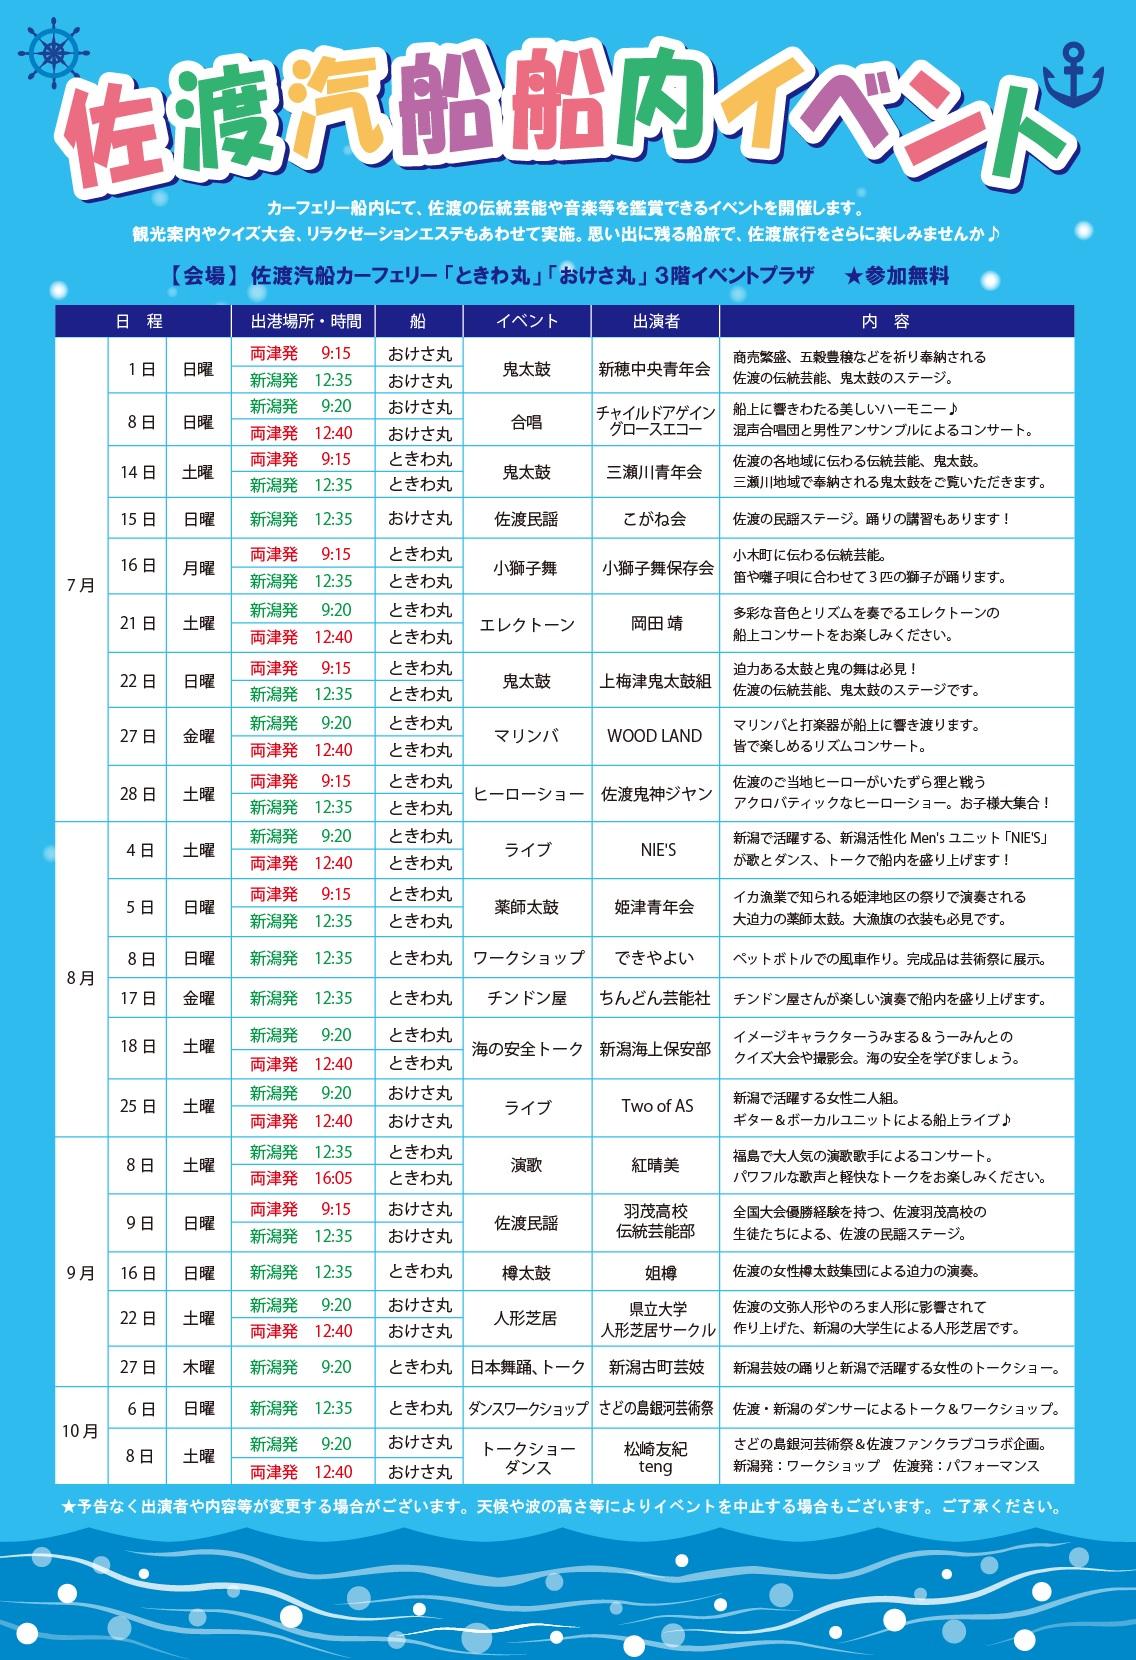 船内イベントポスター7~10月分